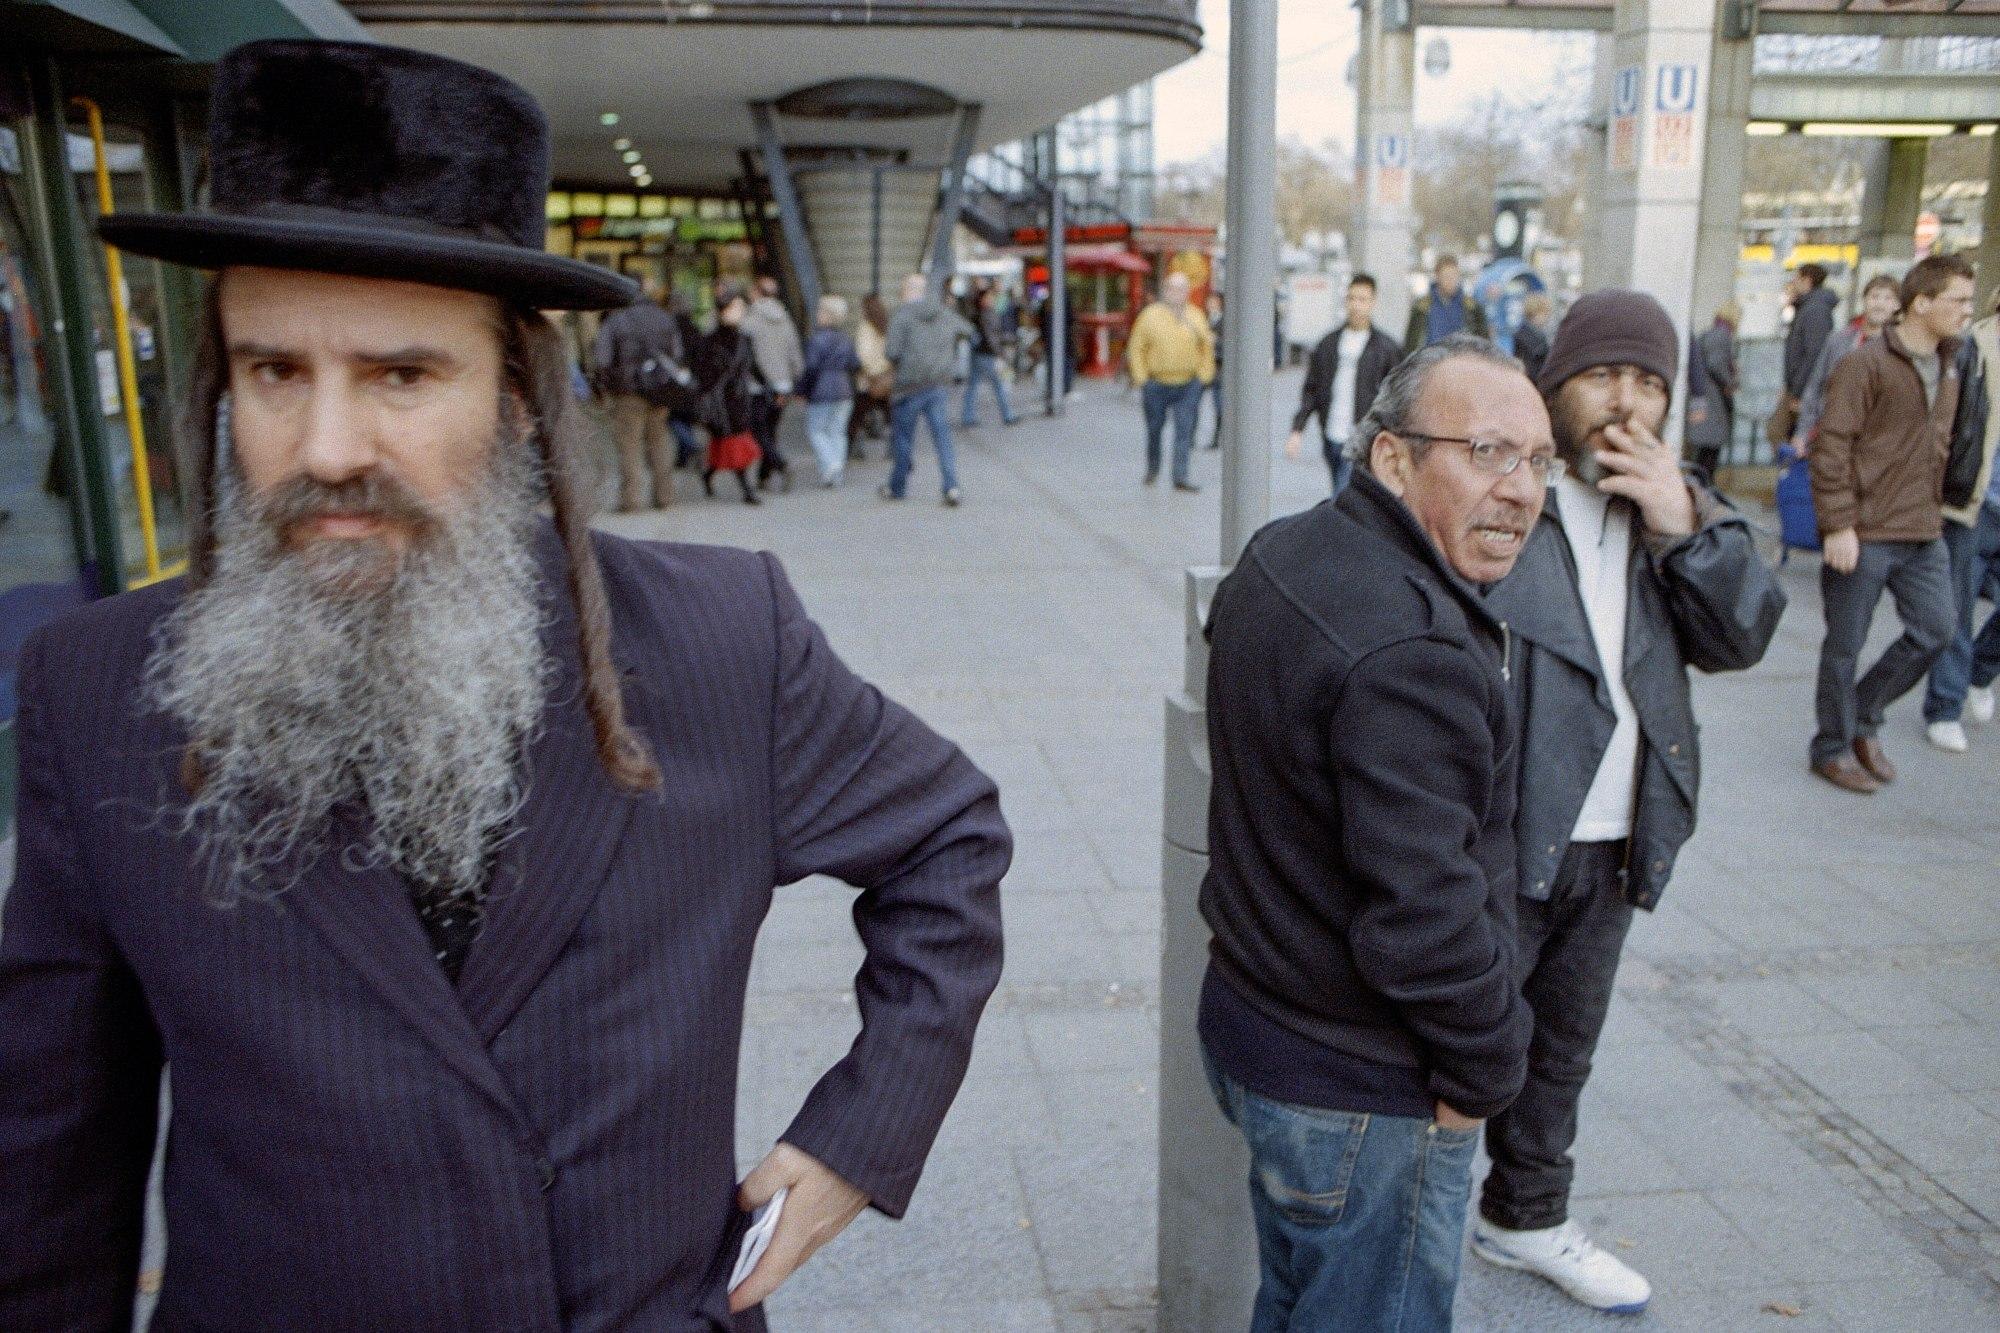 Ein älterer Mann mit Hut, Bart und Schläfenlocken steht auf einem belebten Platz und blickt in die Kamera.